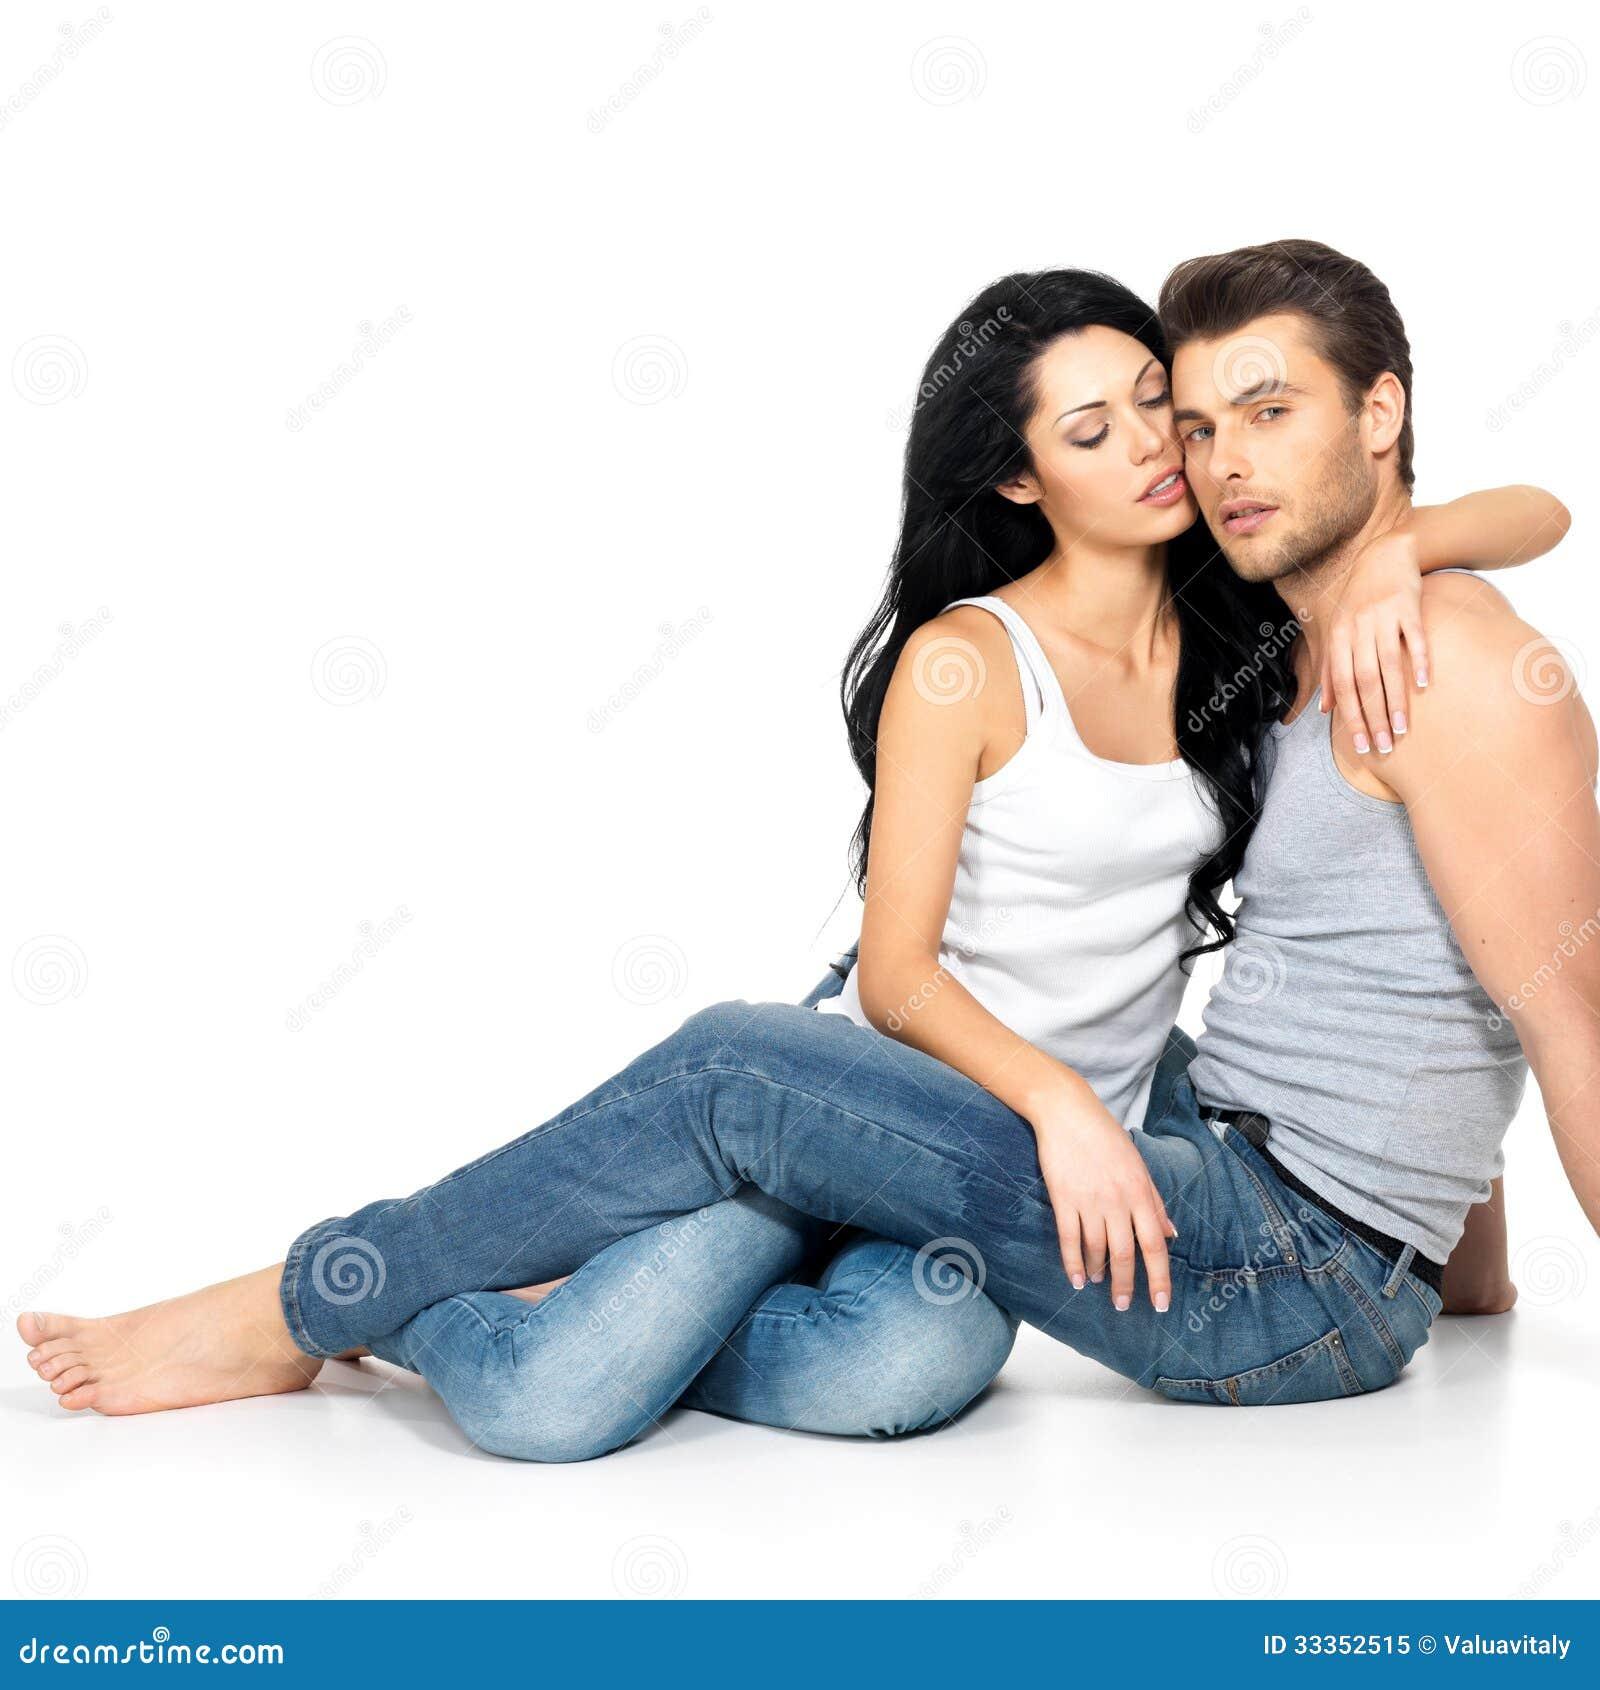 Секс взрослой пары с девочкой 4 фотография